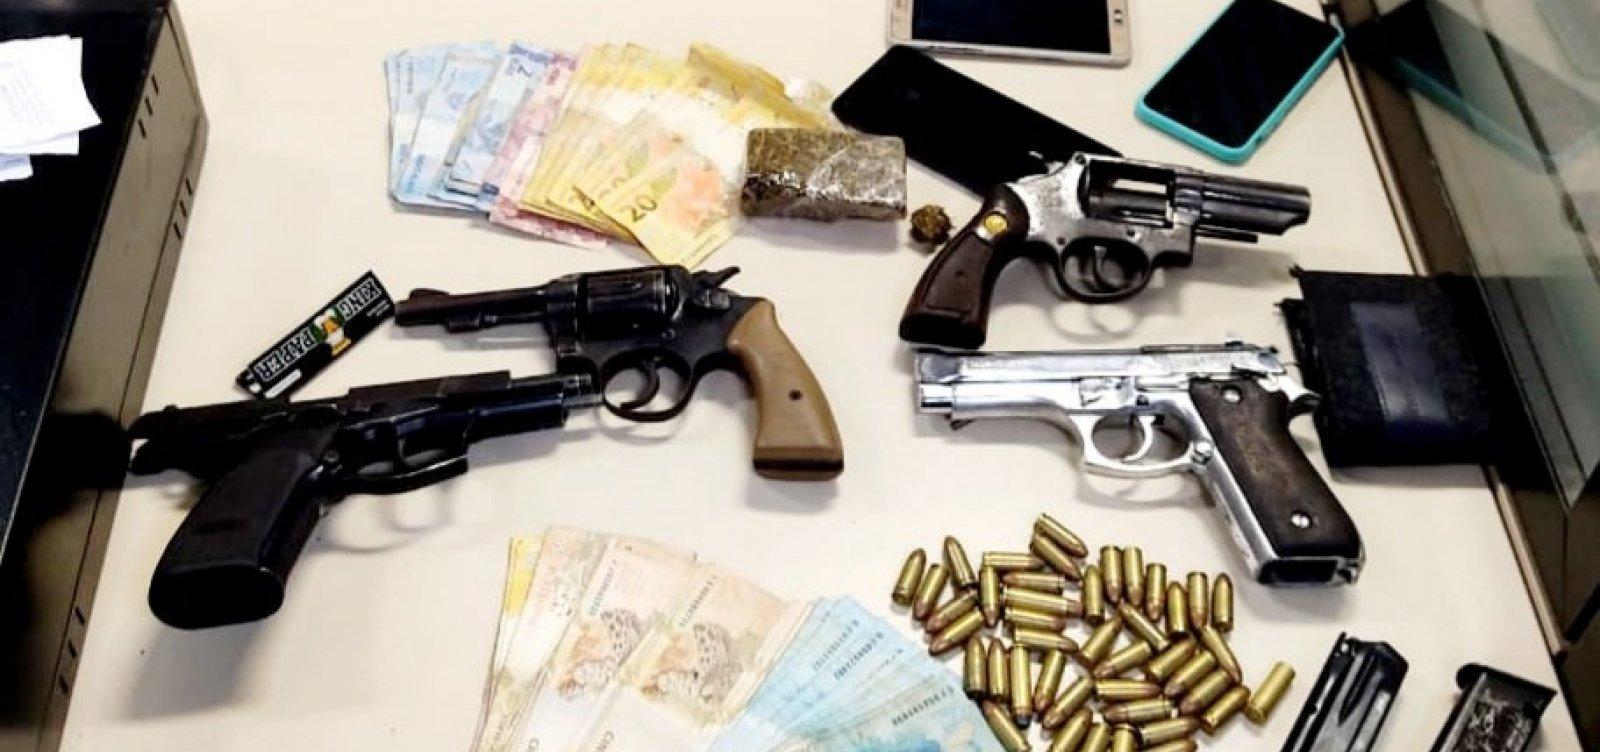 [Operação da PM apreende dez armas, munições e drogas em Feira]